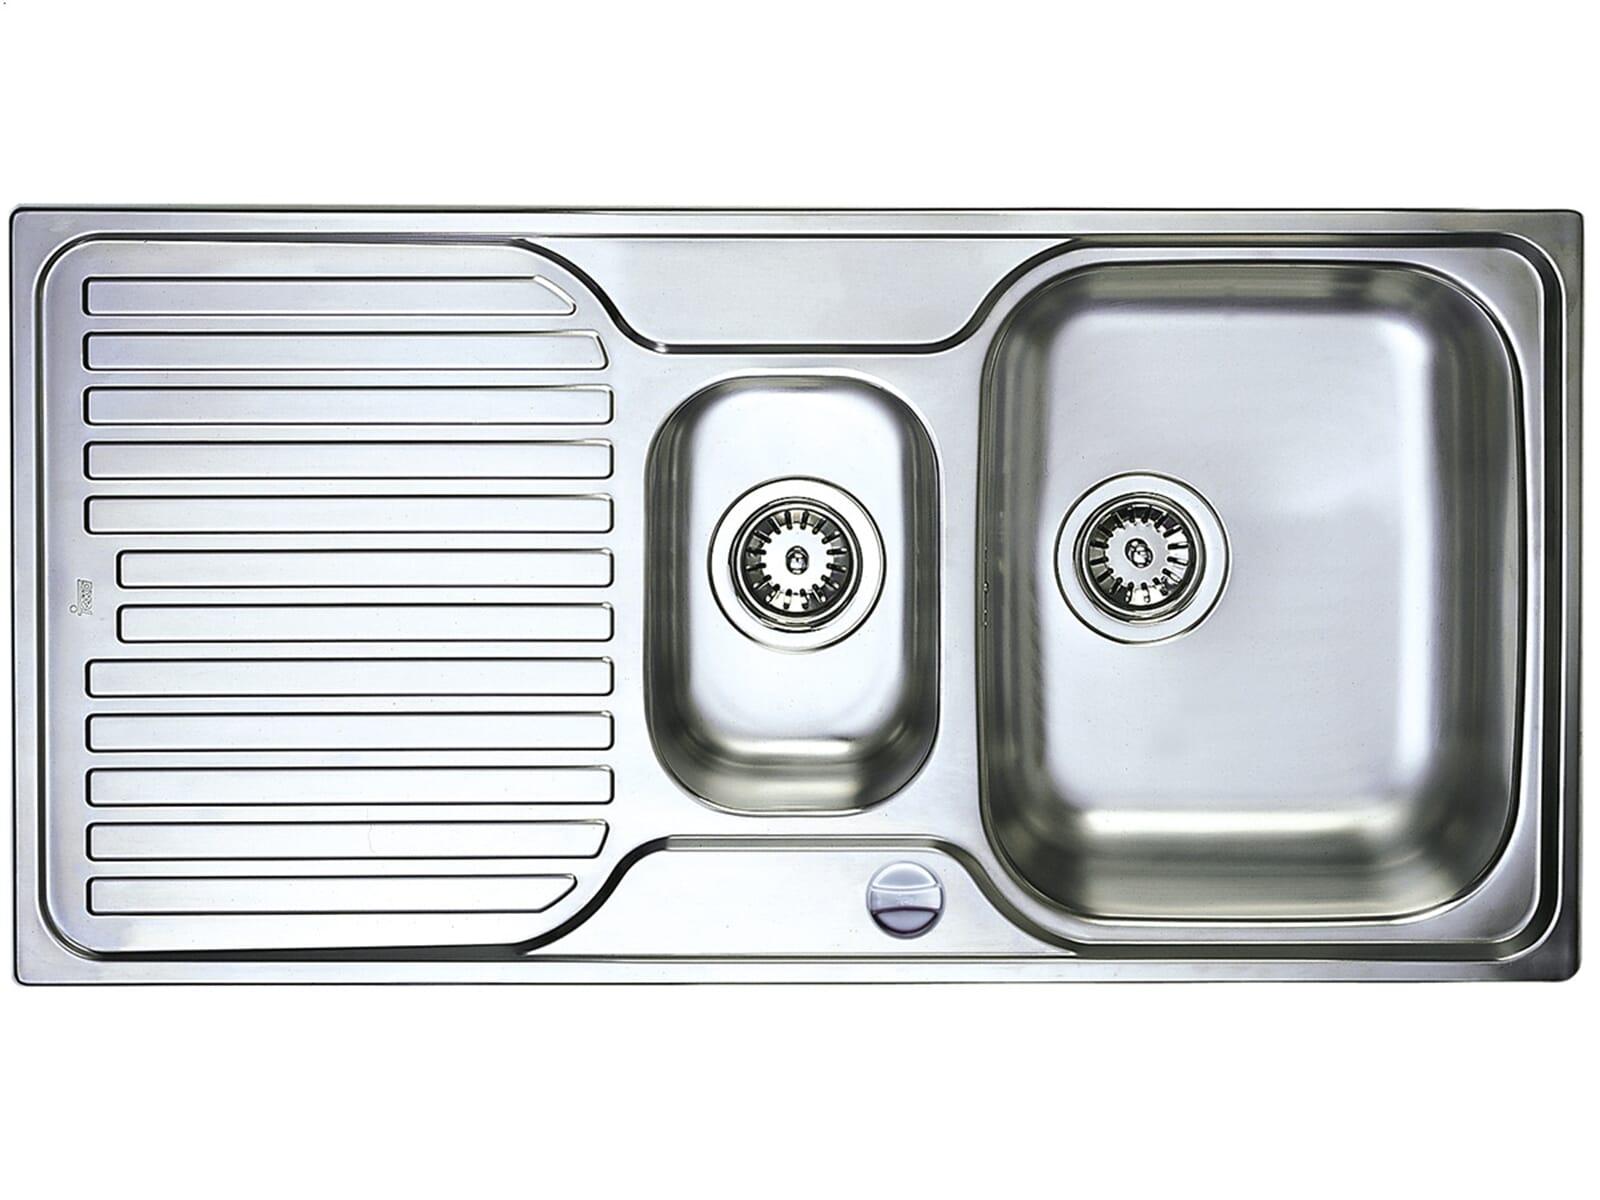 teka classic 1,5 bs 1d edelstahlspüle küchenspüle  ~ Spülbecken Teka